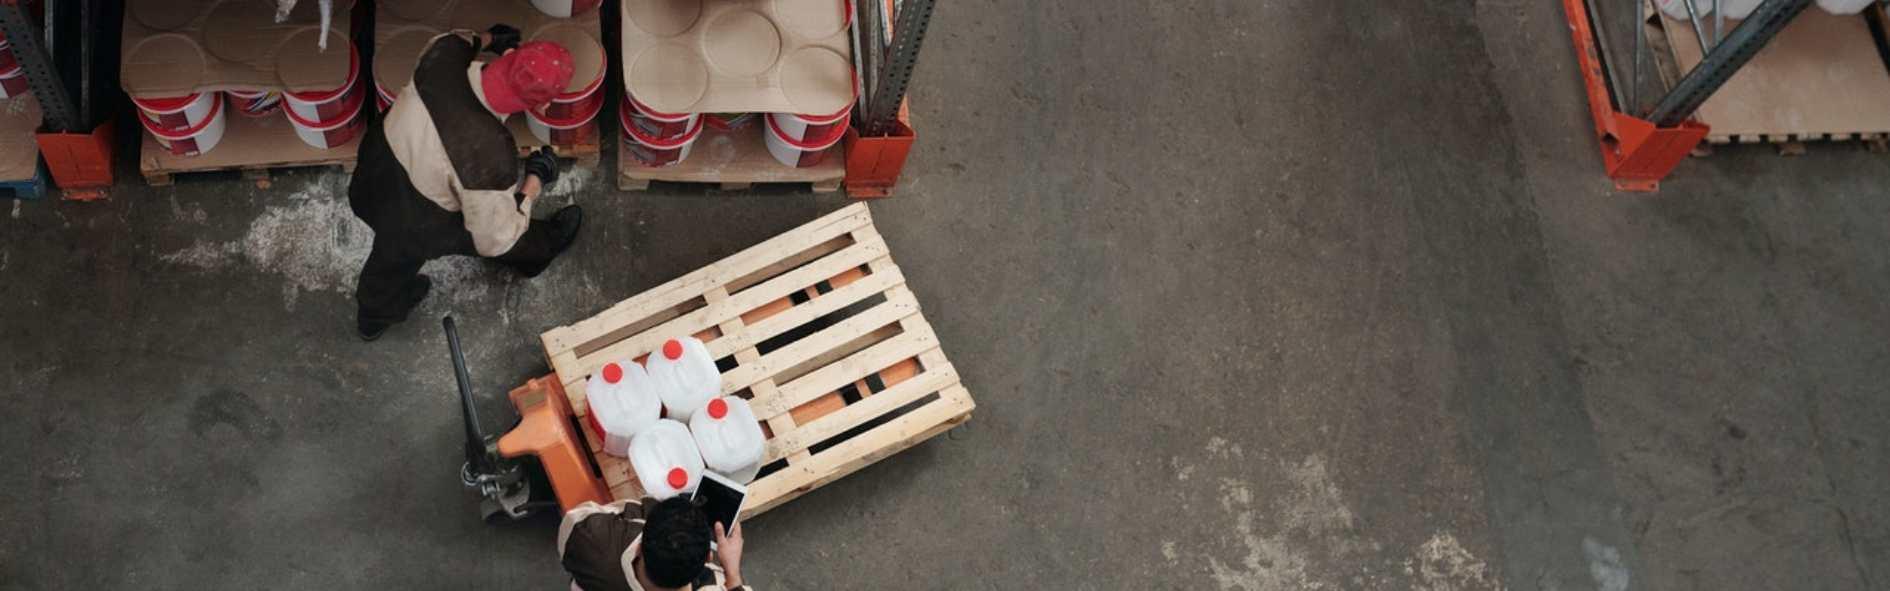 Conoce el cross docking y las ventajas que ofrece en las empresas de logística